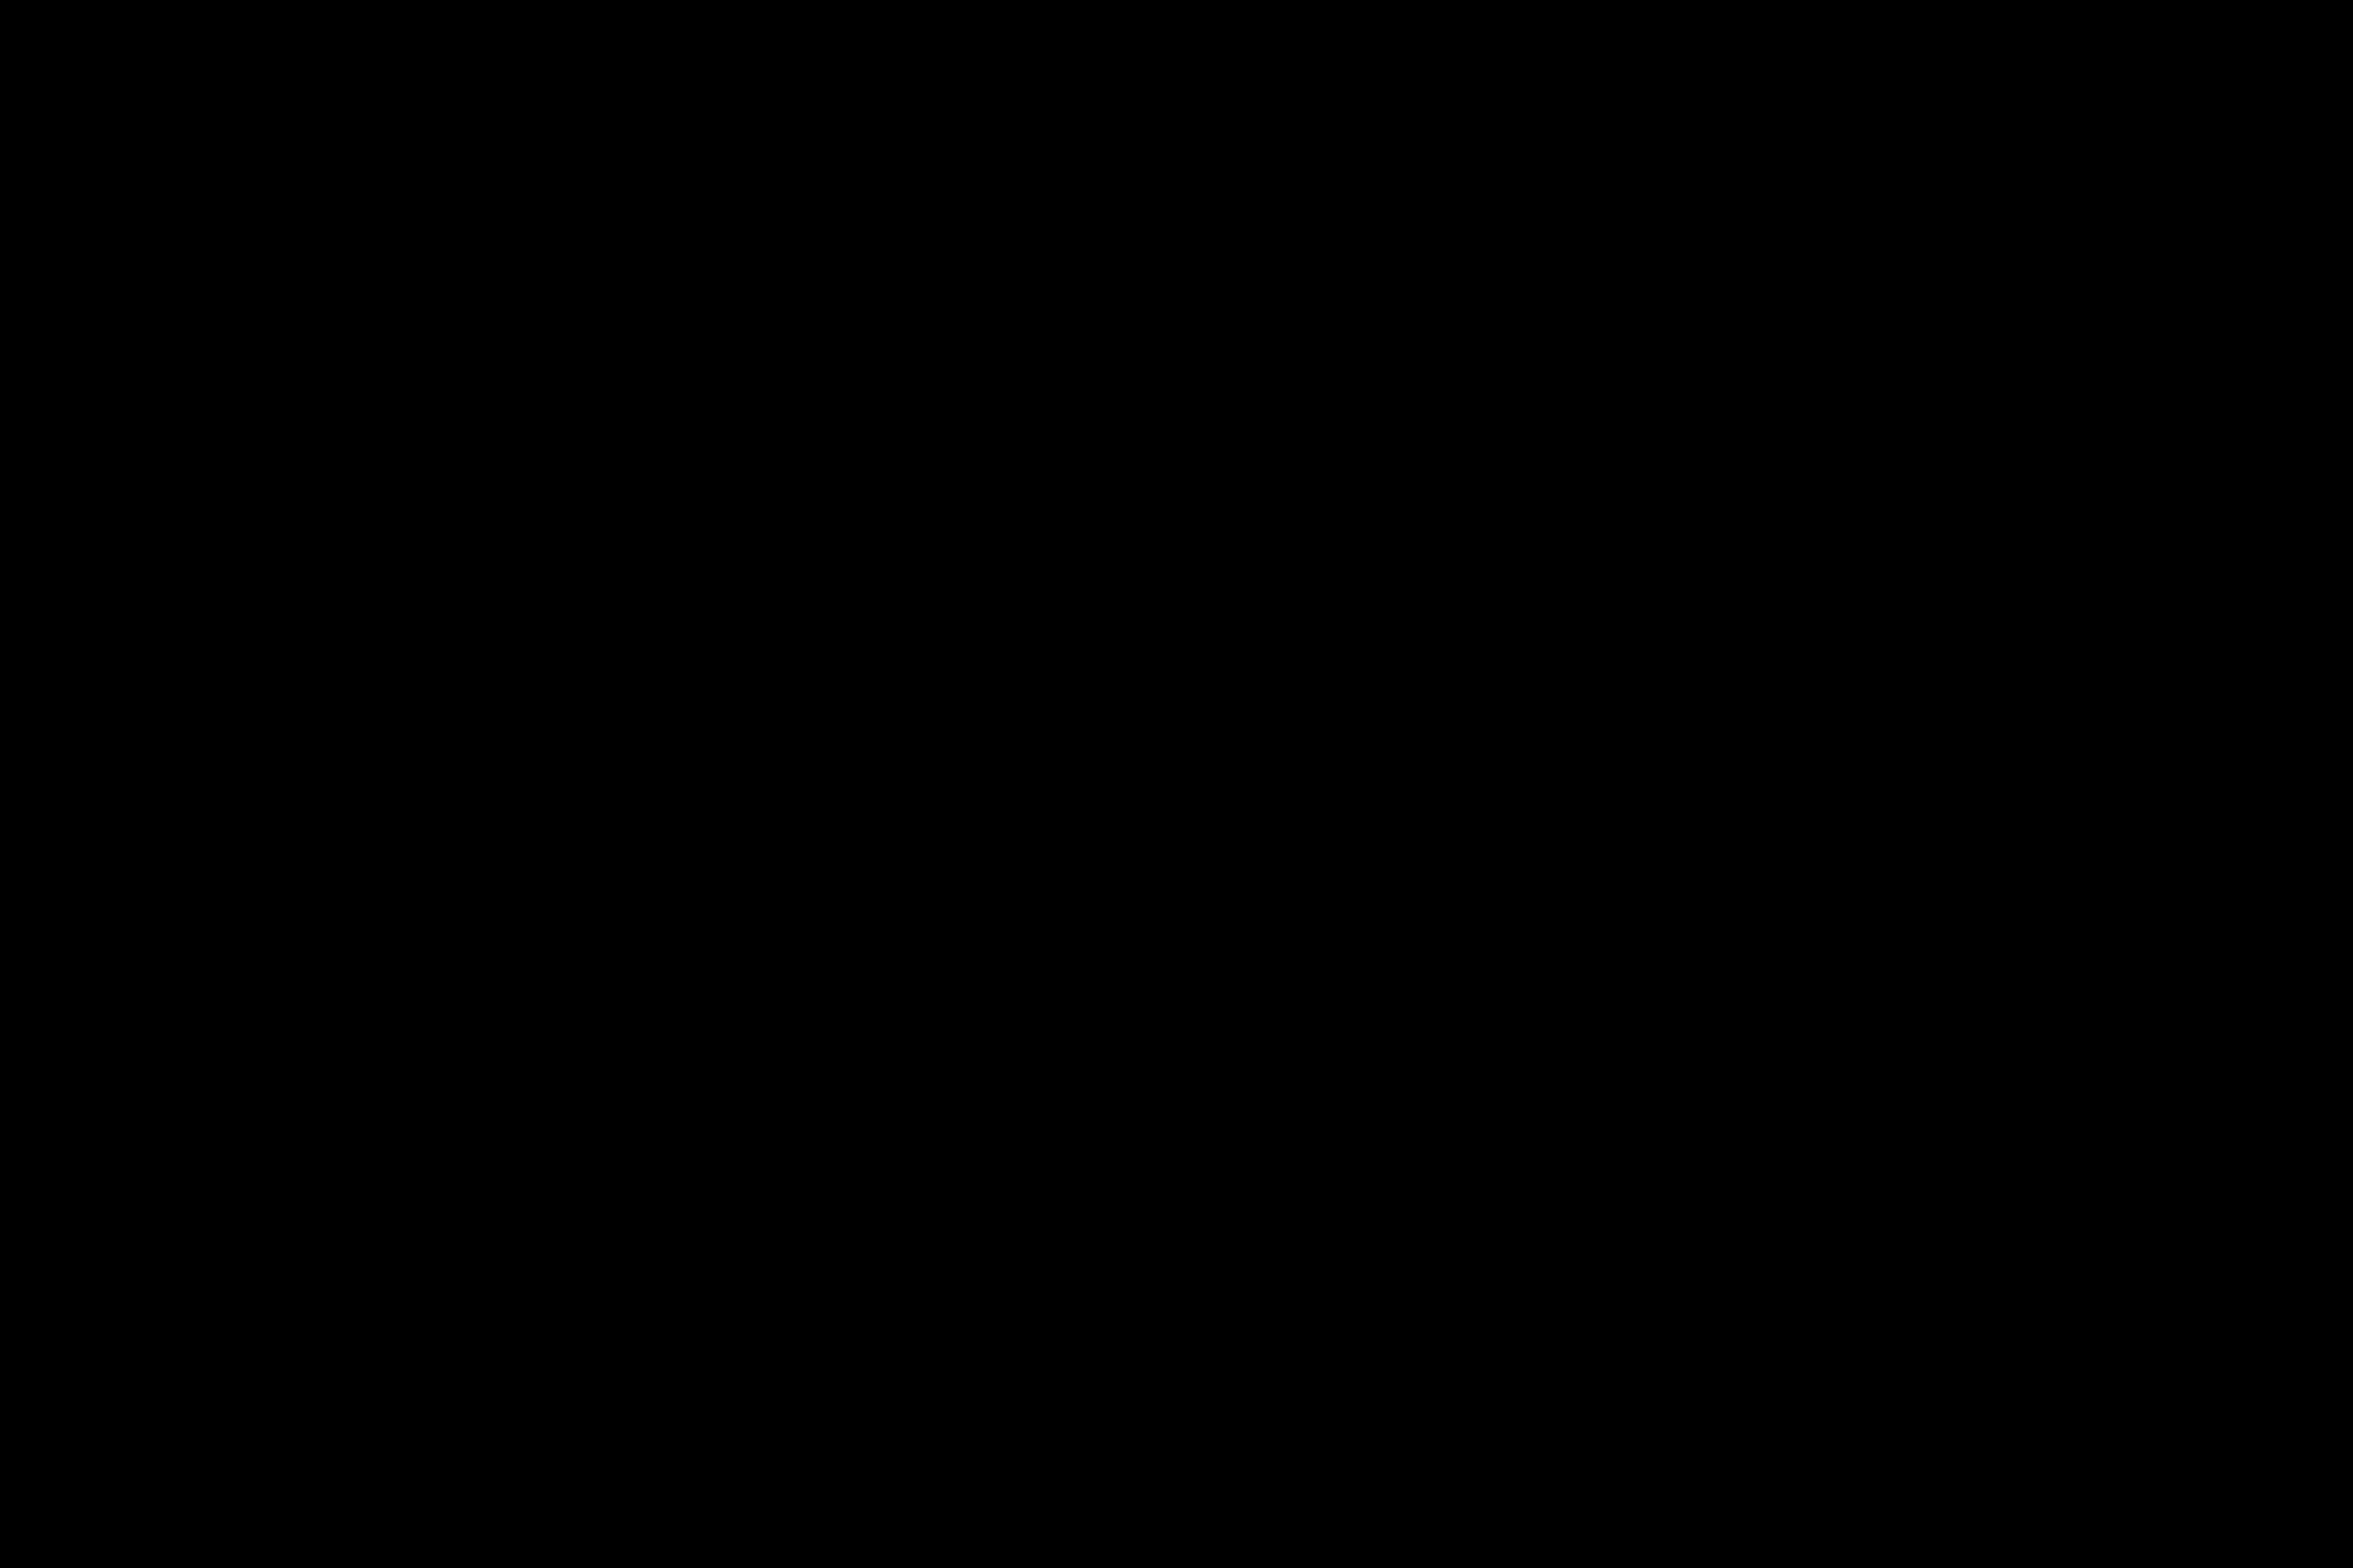 Calendrier lunaire gratuit webcalendrier for Calendrier lunaire jardin